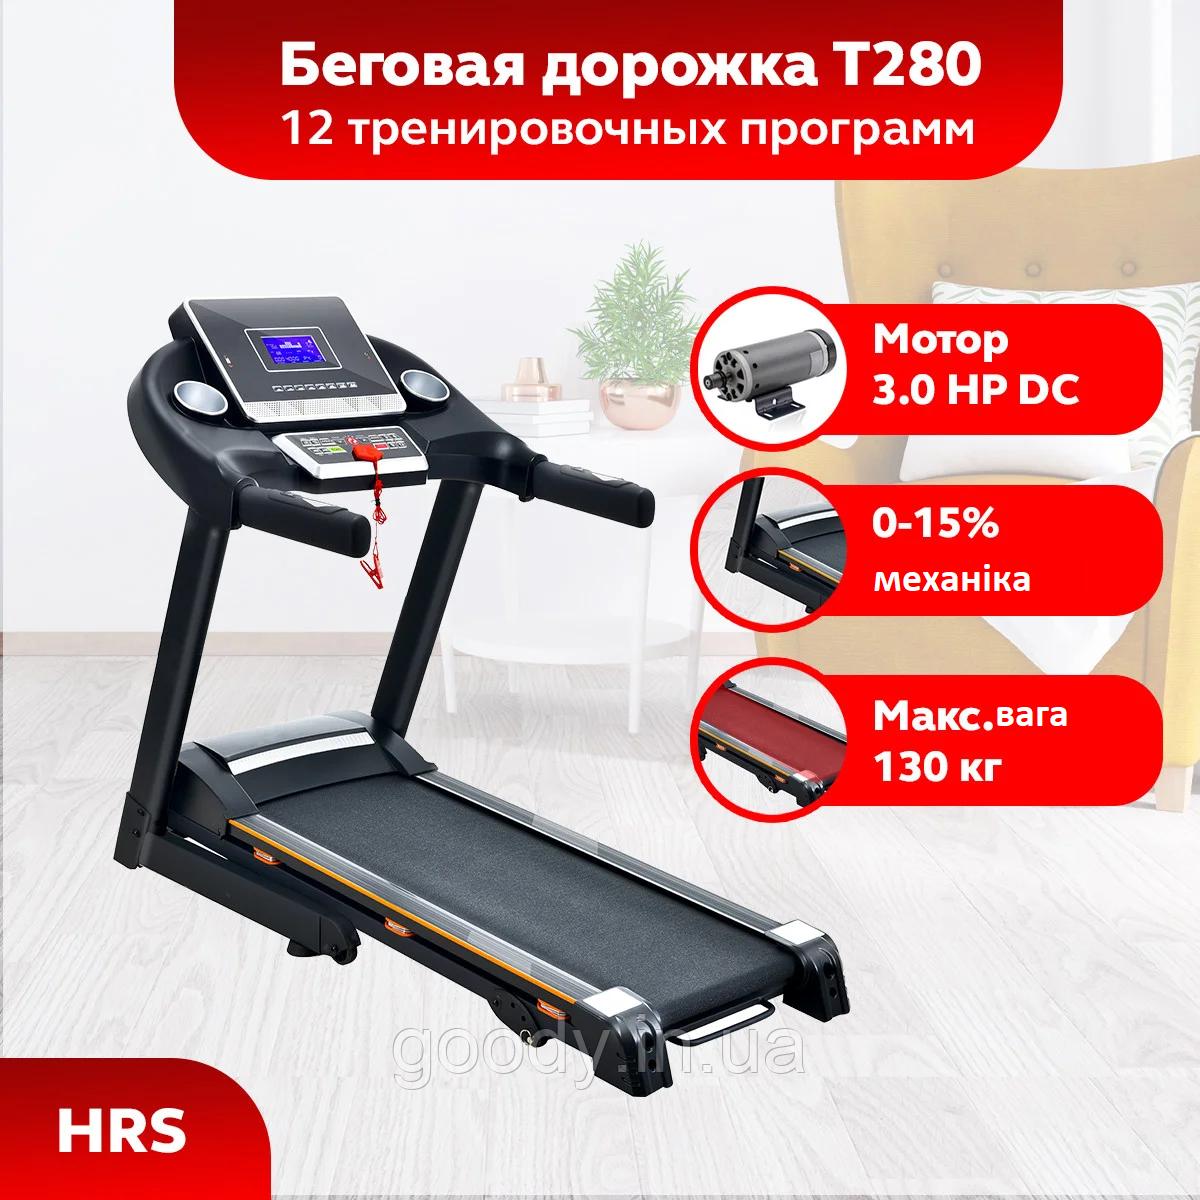 Бігова доріжка HRS T280 з нахилом 130 кг